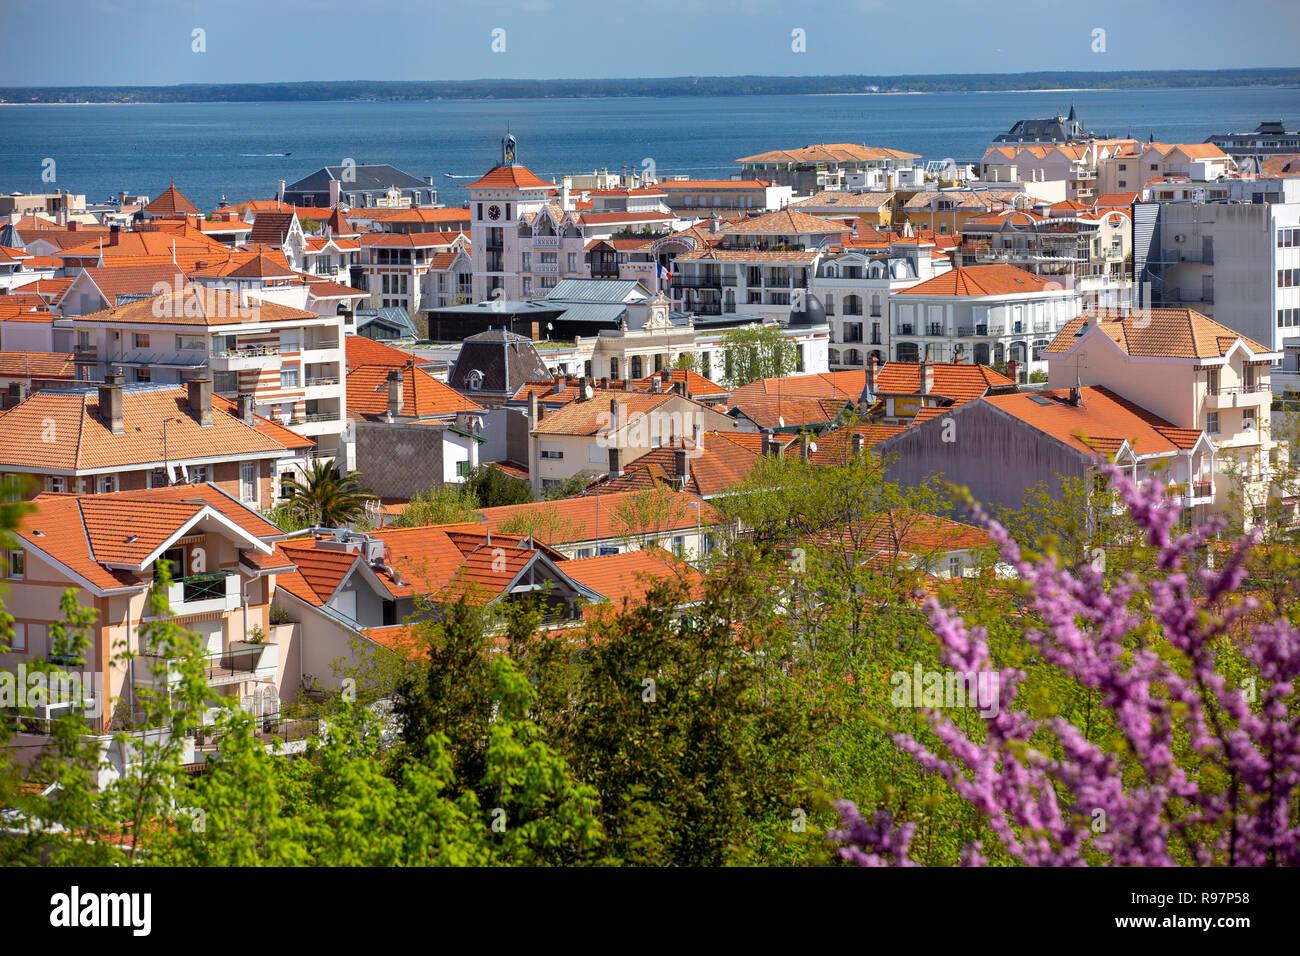 Vista aérea de la ciudad de Arcachon (Arcachon (33120) (33), Gironde, Aquitania, Francia). Foto de stock